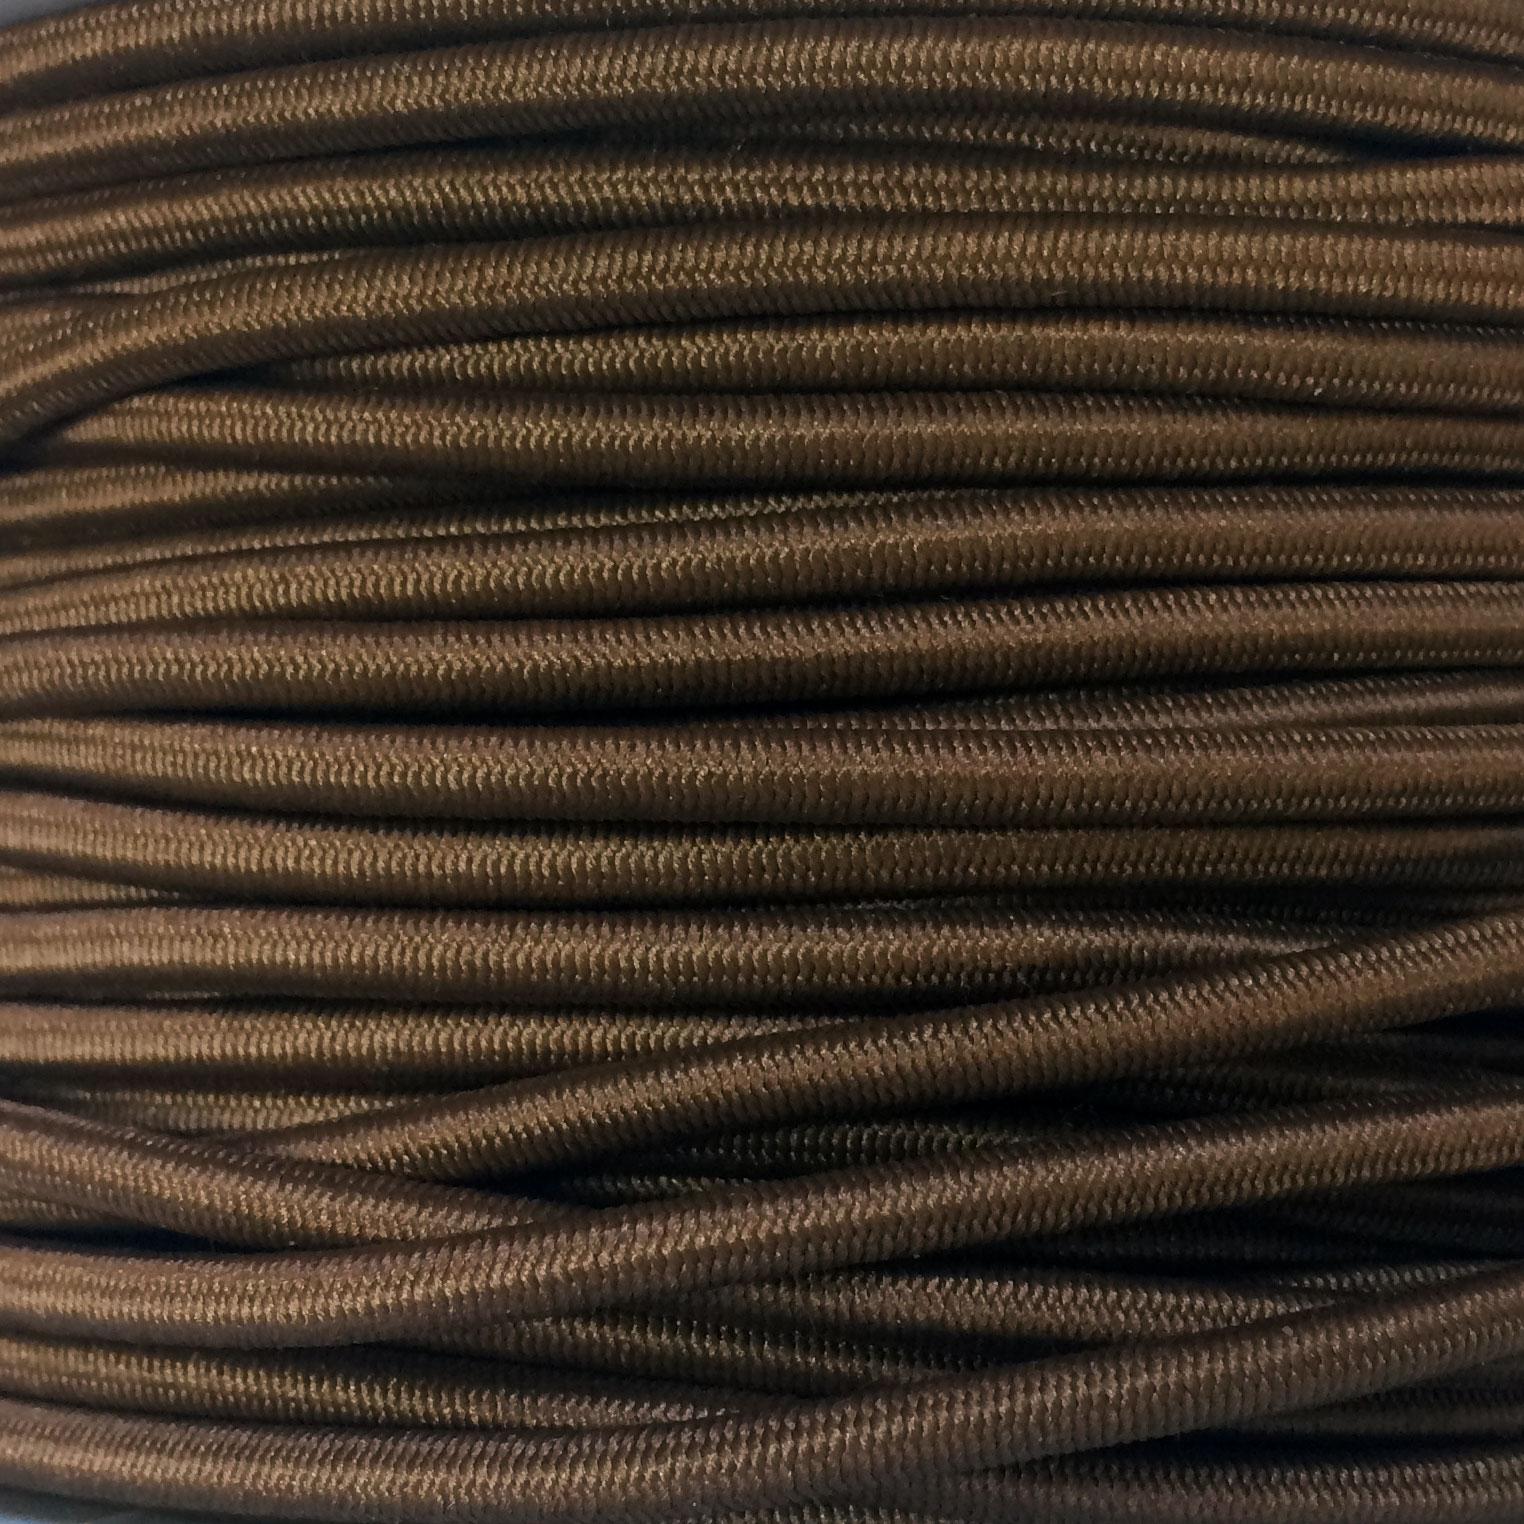 Elastic Cord 1/8 Brown